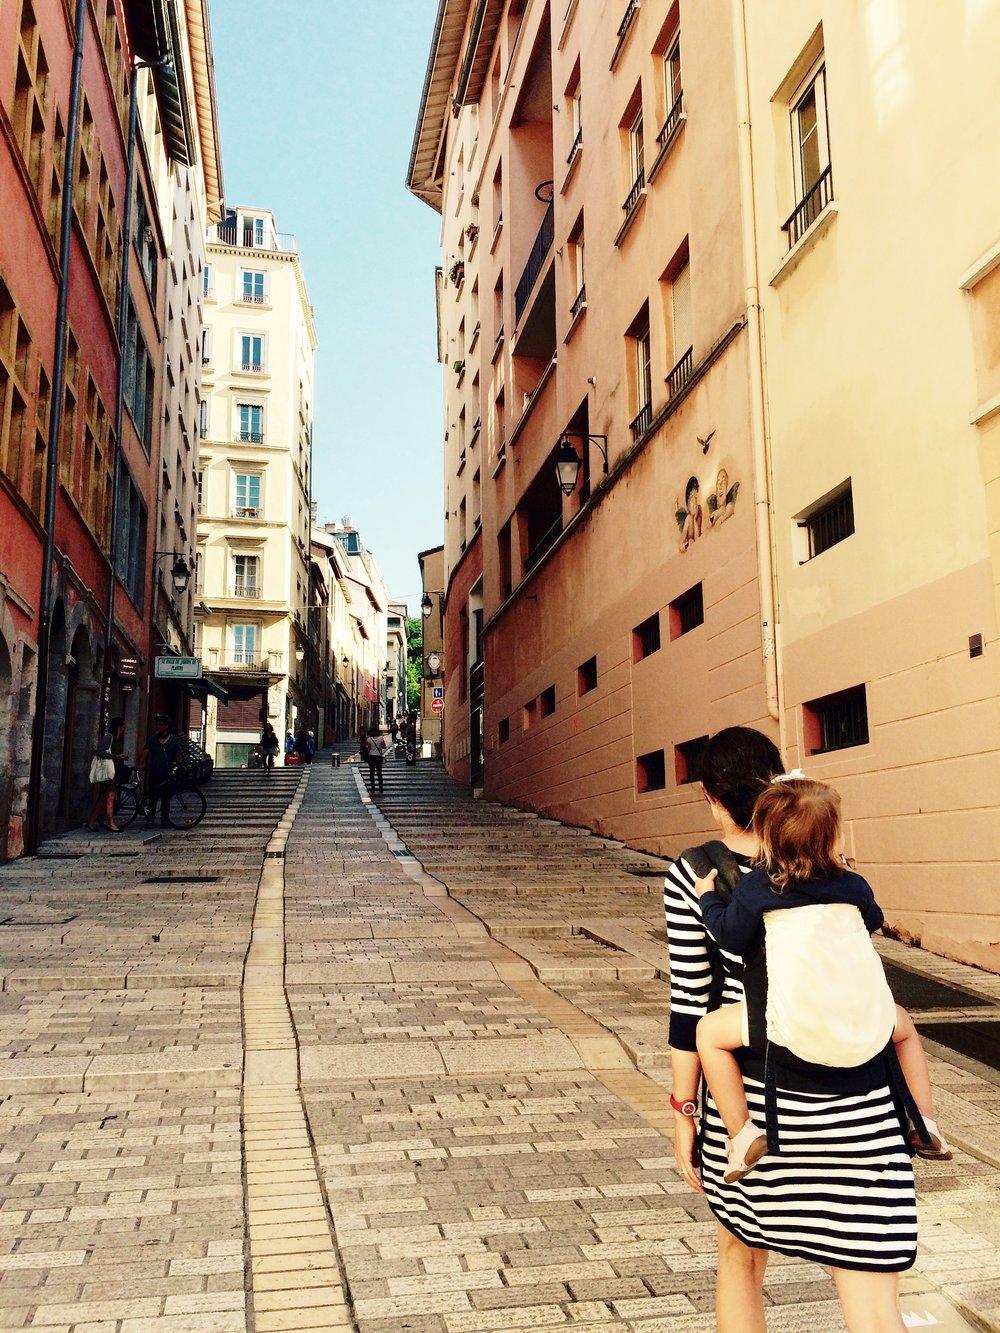 oldest street in lyon